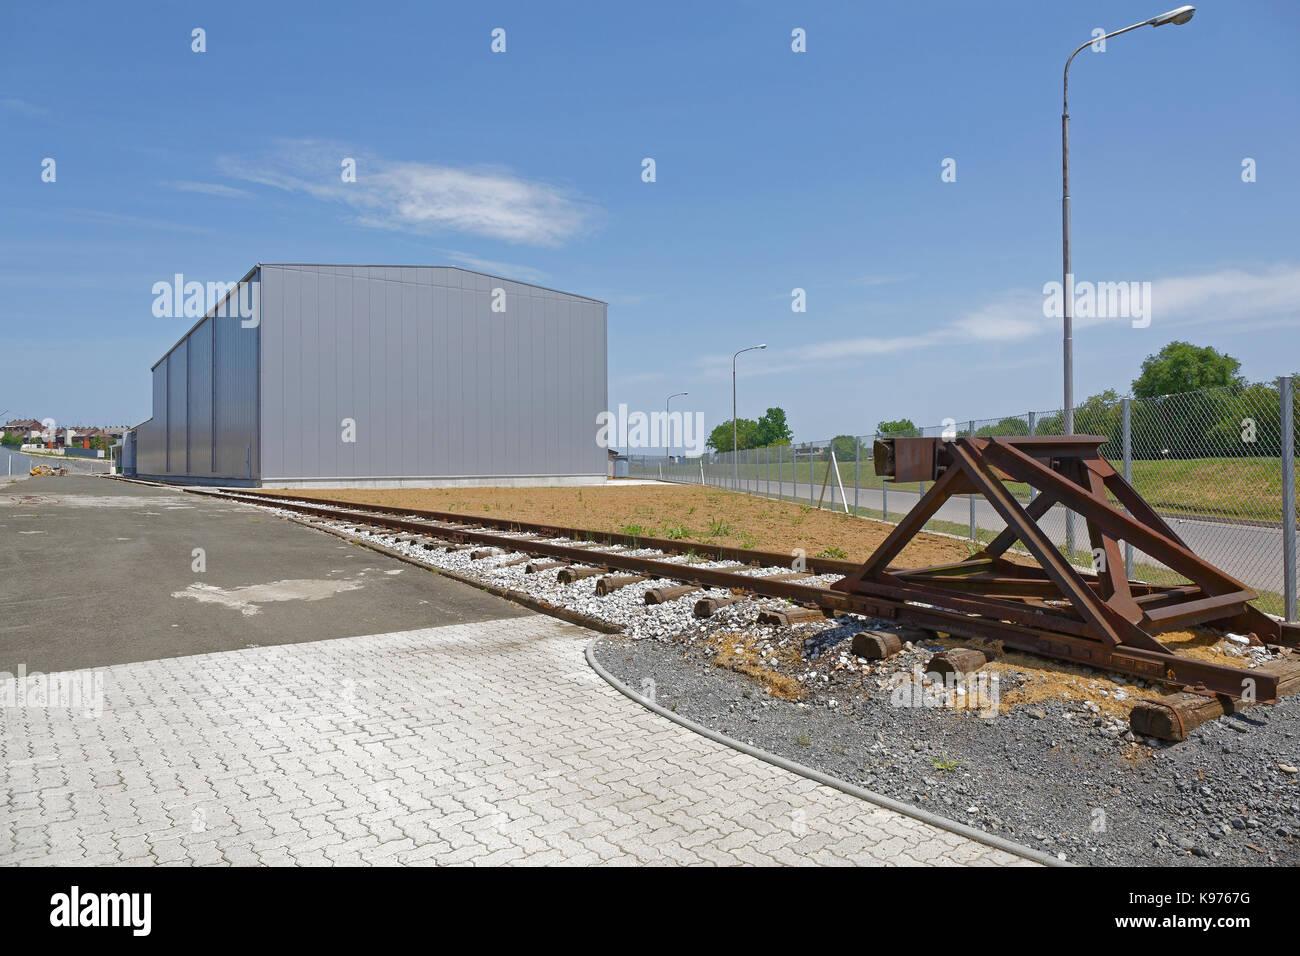 Entrepôt de distribution avec des voies de chemin de fer Photo Stock